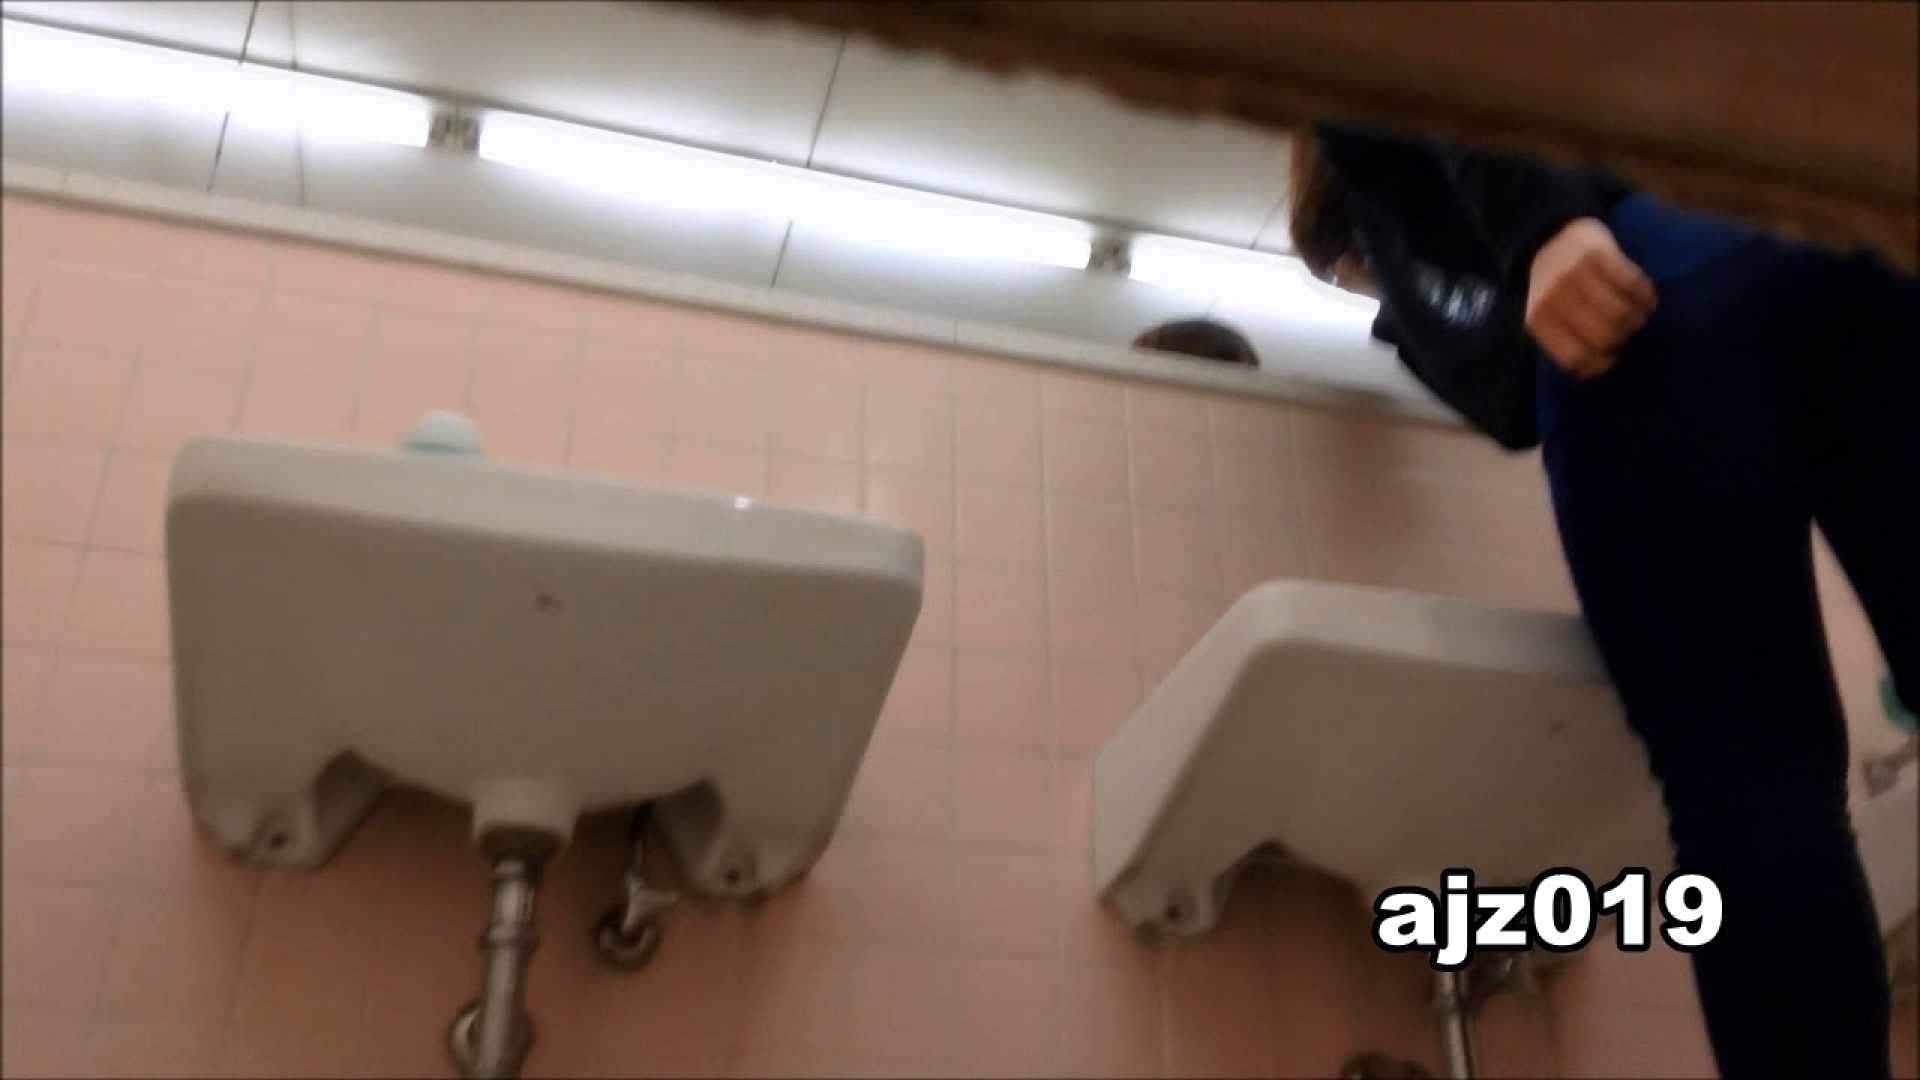 某有名大学女性洗面所 vol.19 和式 ヌード画像 83pic 44